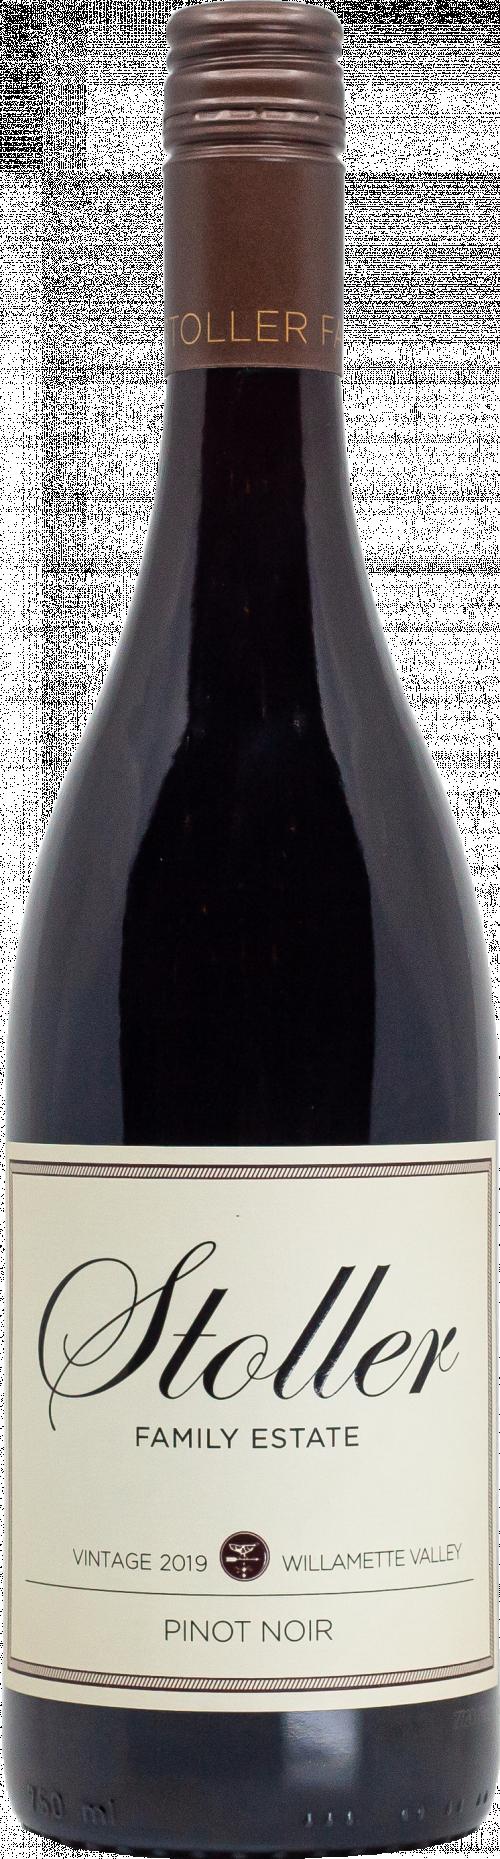 Stoller Family Estate Willamette Valley Pinot Noir 750ml